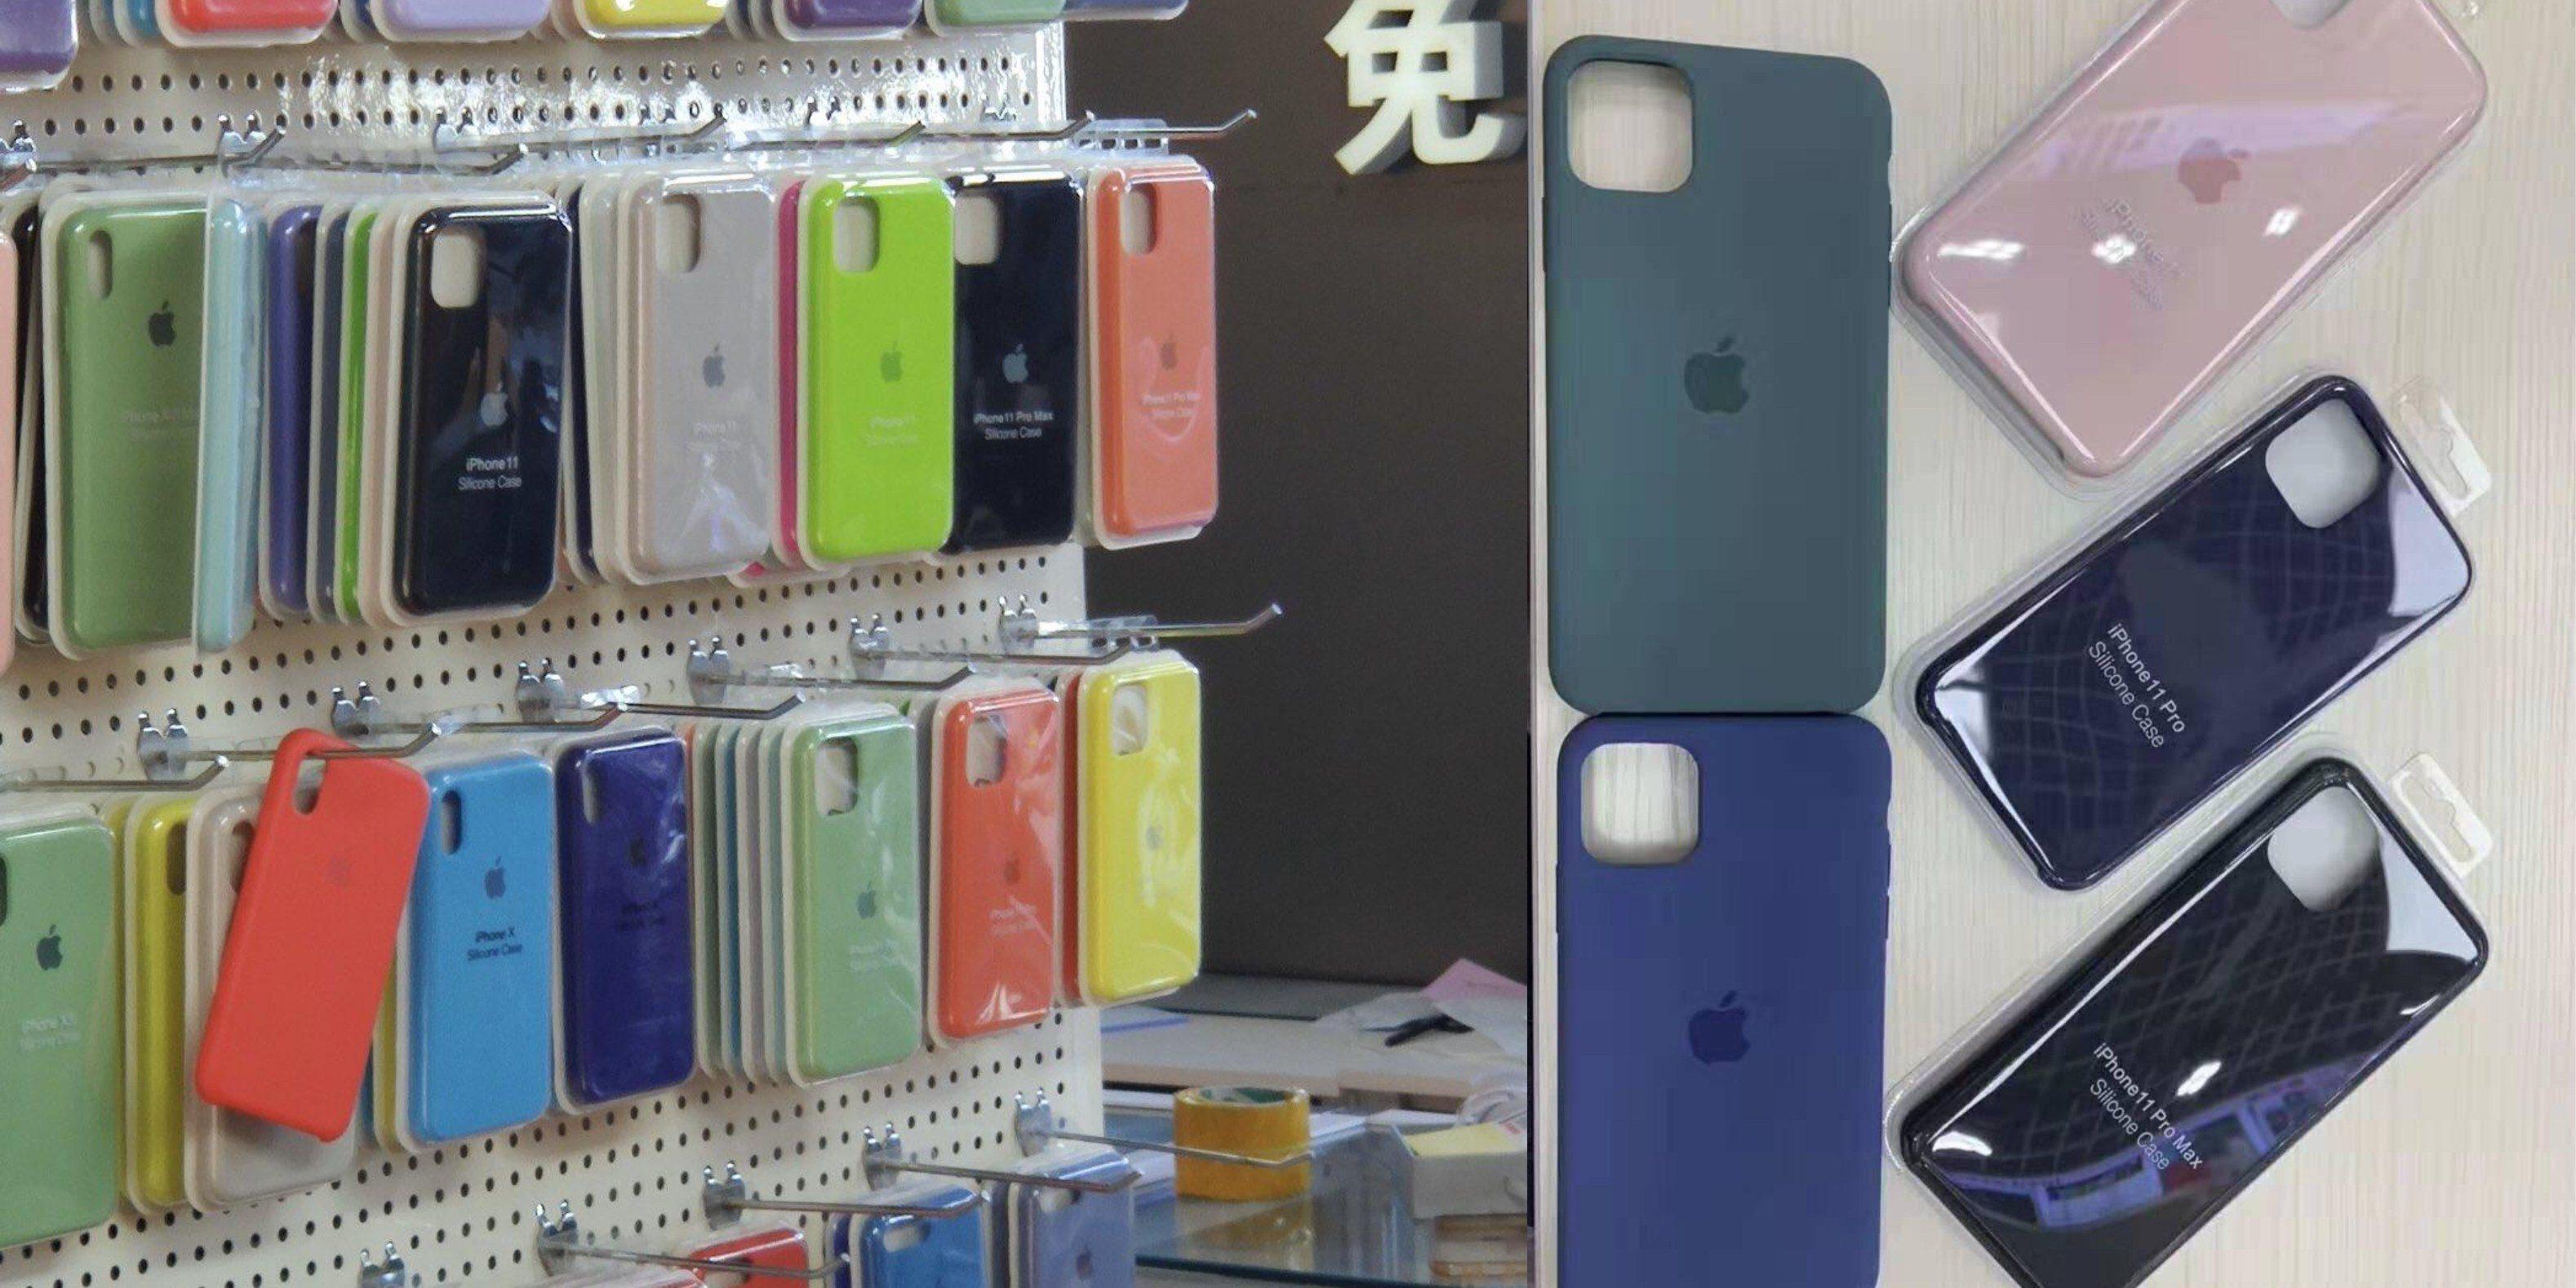 صور متسربة لحالات iPhone 11 تؤكد تصميم التغيير